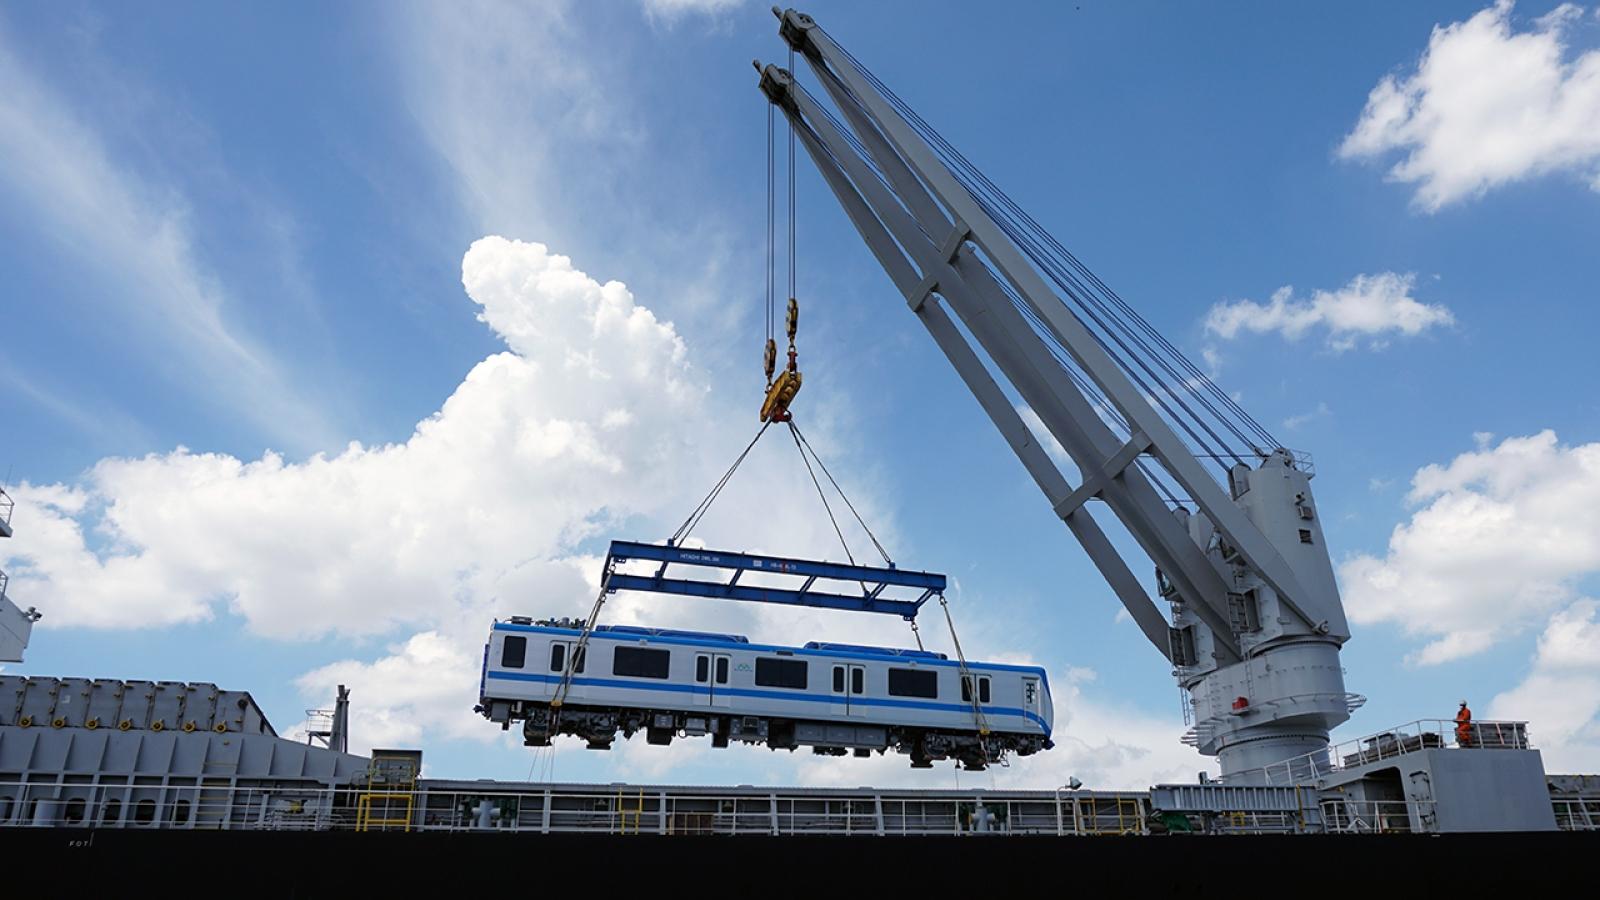 Thêm 2 đoàn tàu metrosố 1 cập cảng ở TP.HCM